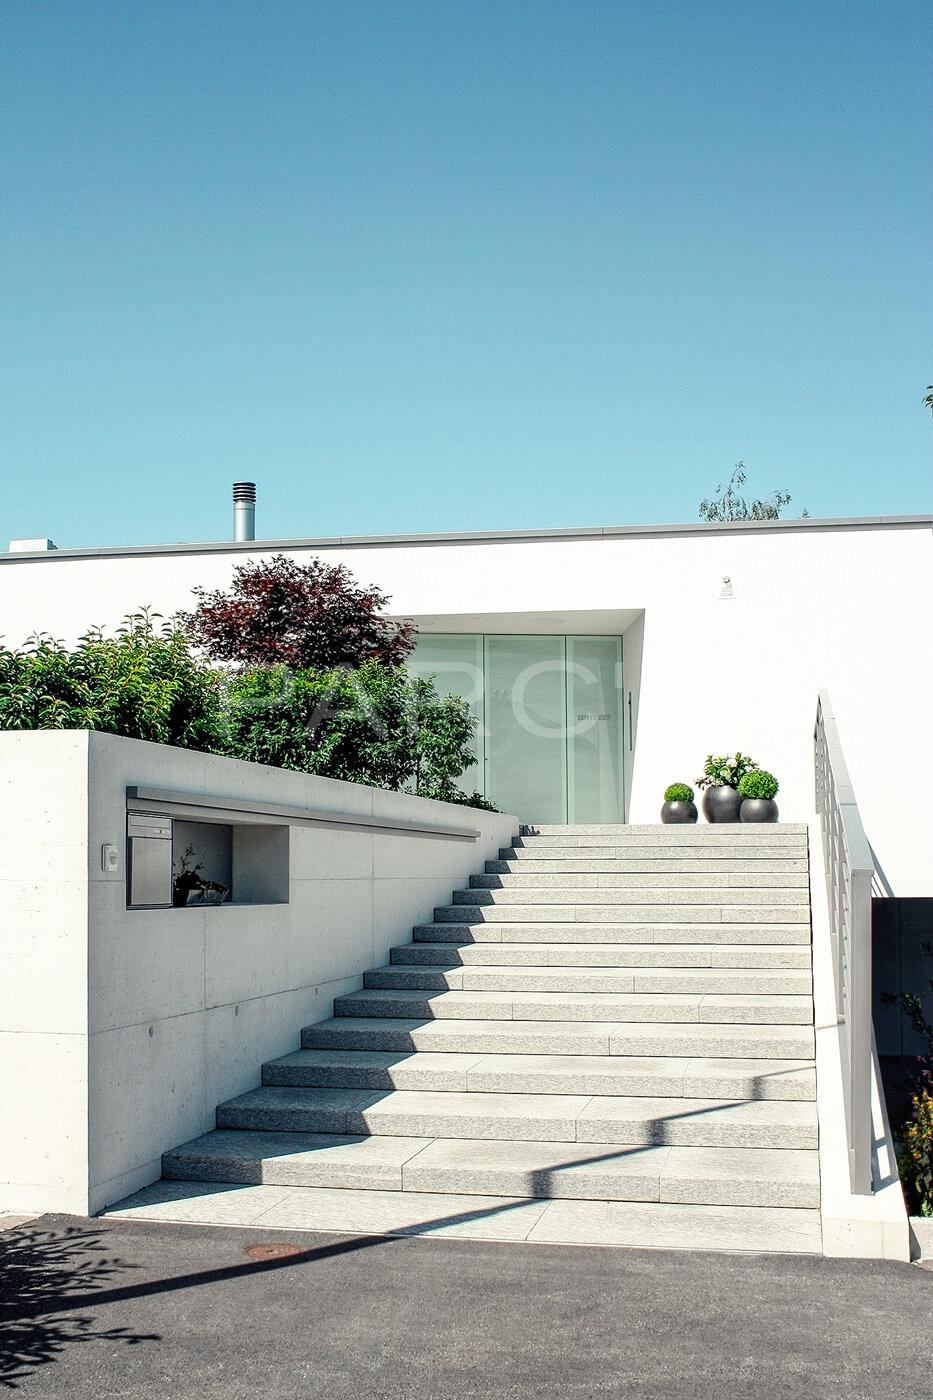 Referenz privatgarten mit brunnen gartengestaltung for Gartengestaltung zwei ebenen